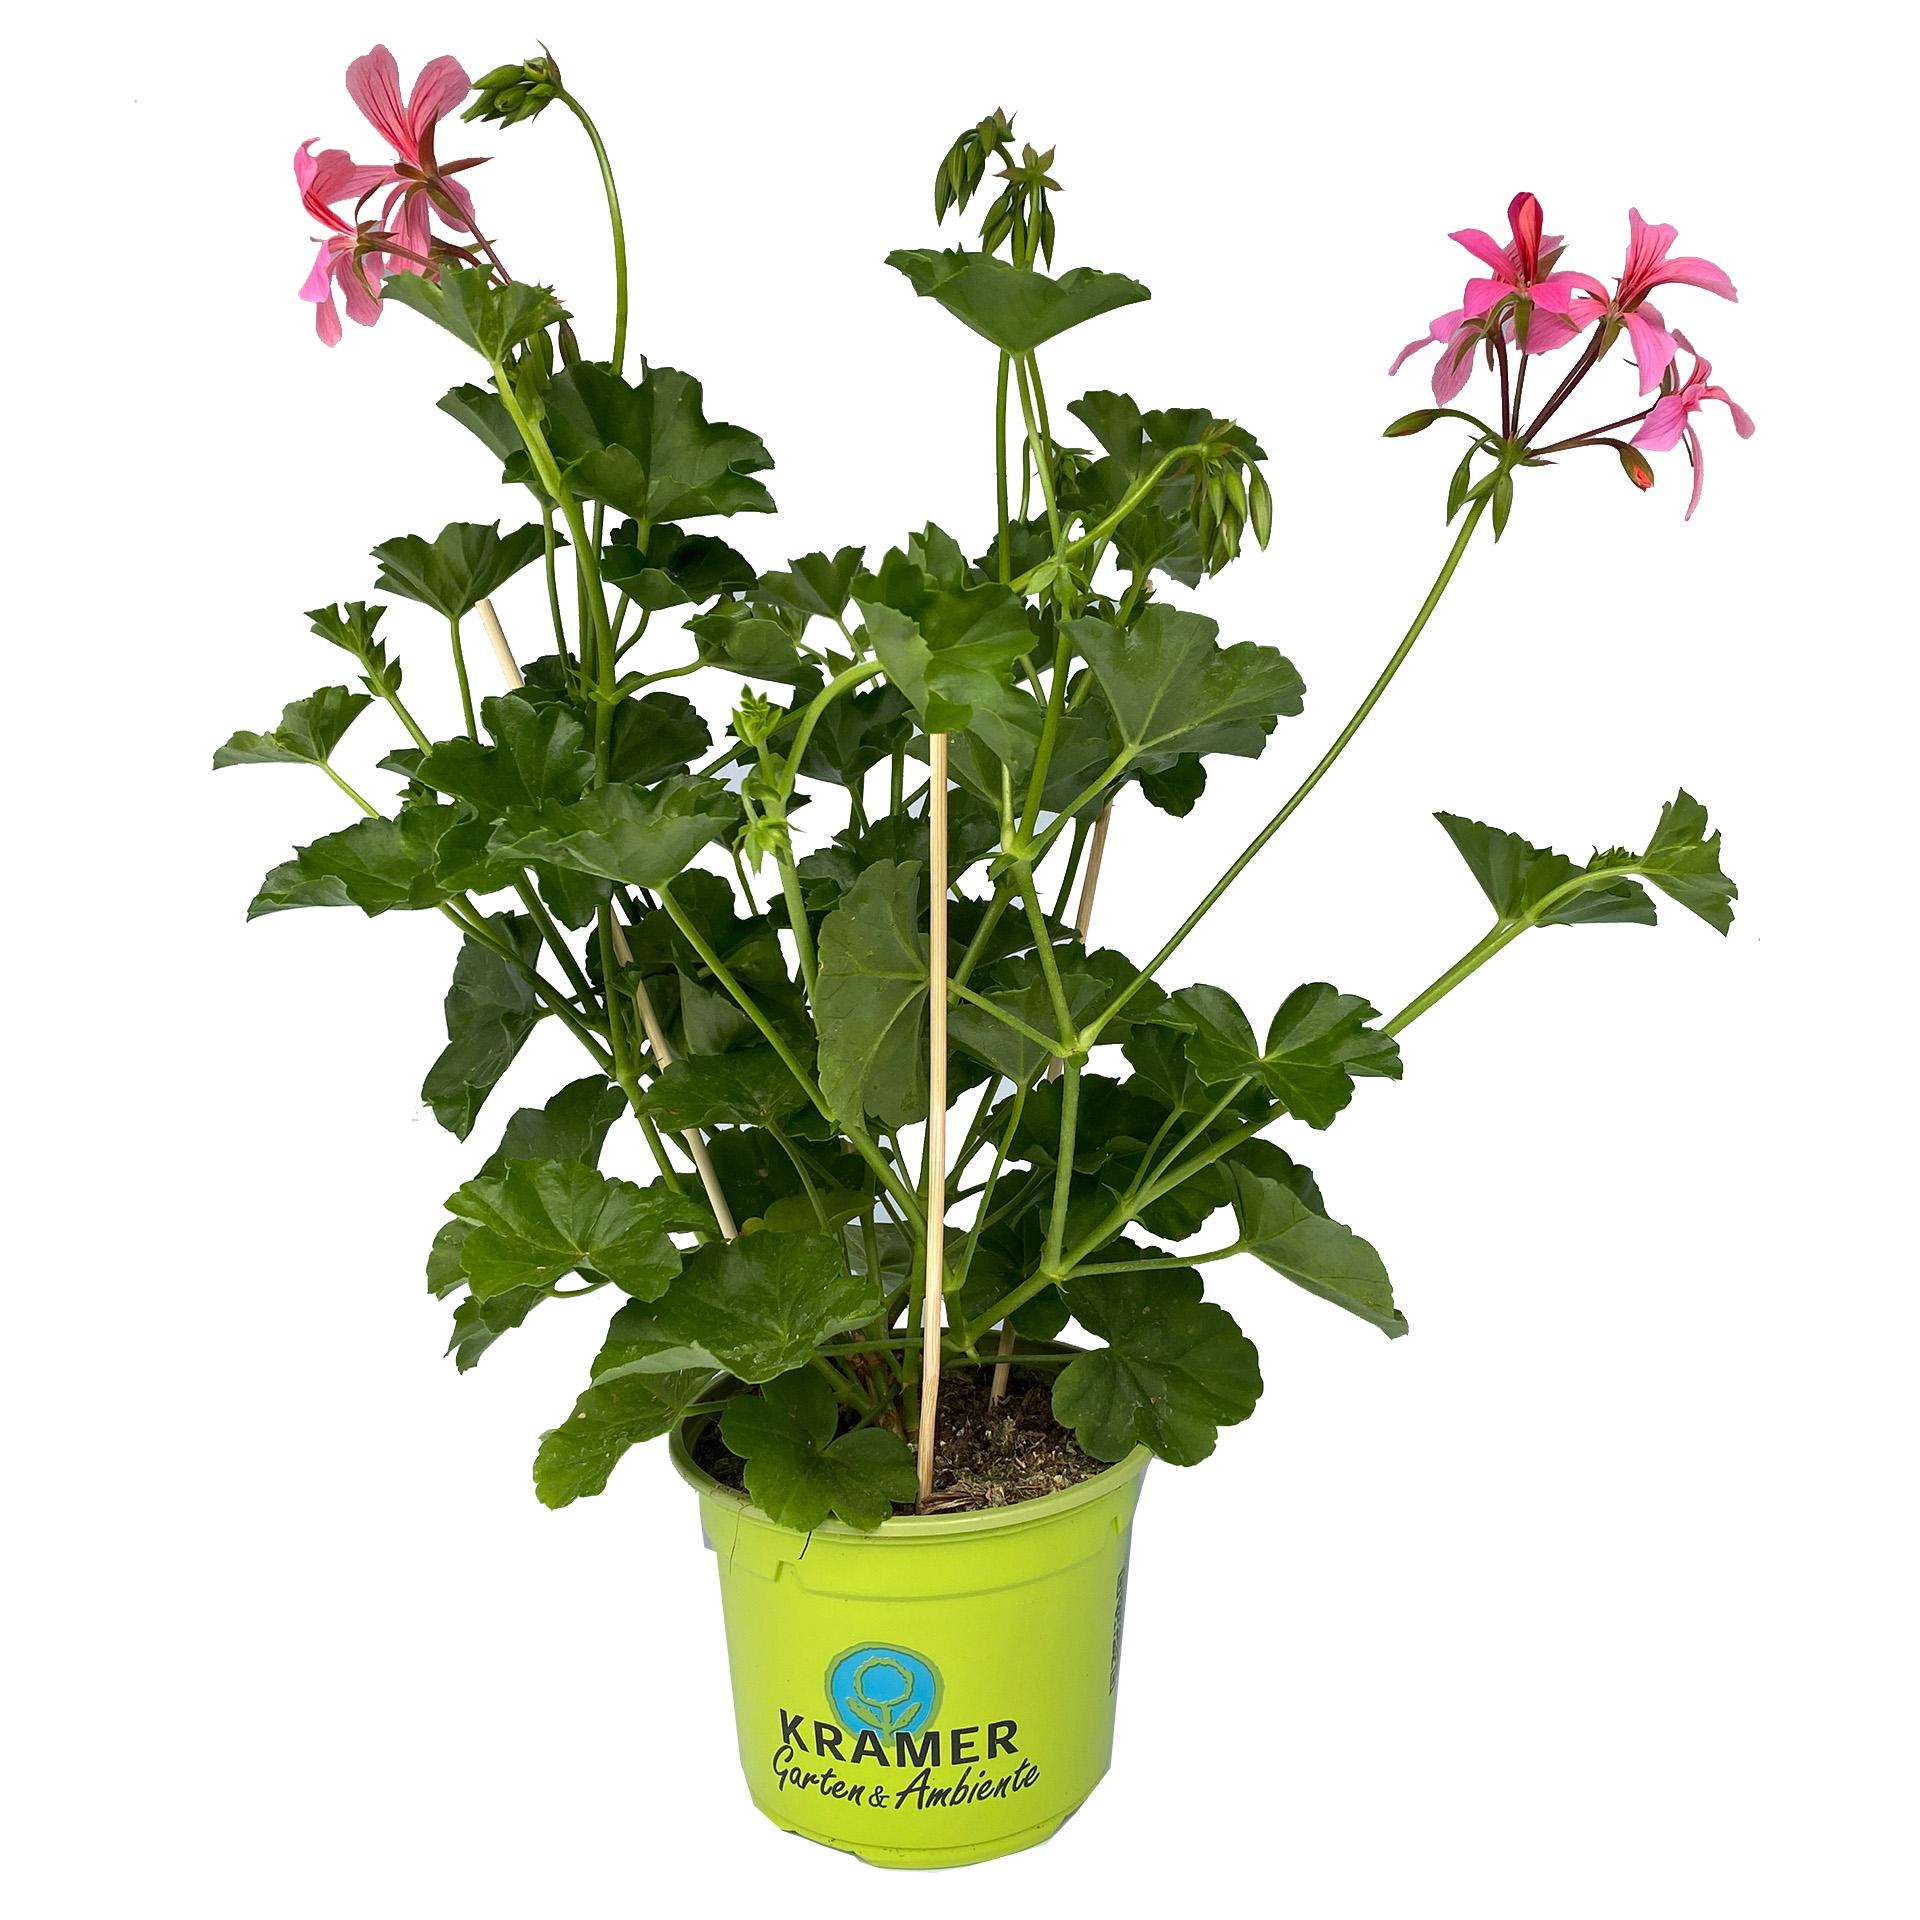 Geranie hängend - Pelargonium peltatum 'Ville de Paris Rosa', 12cm Topf